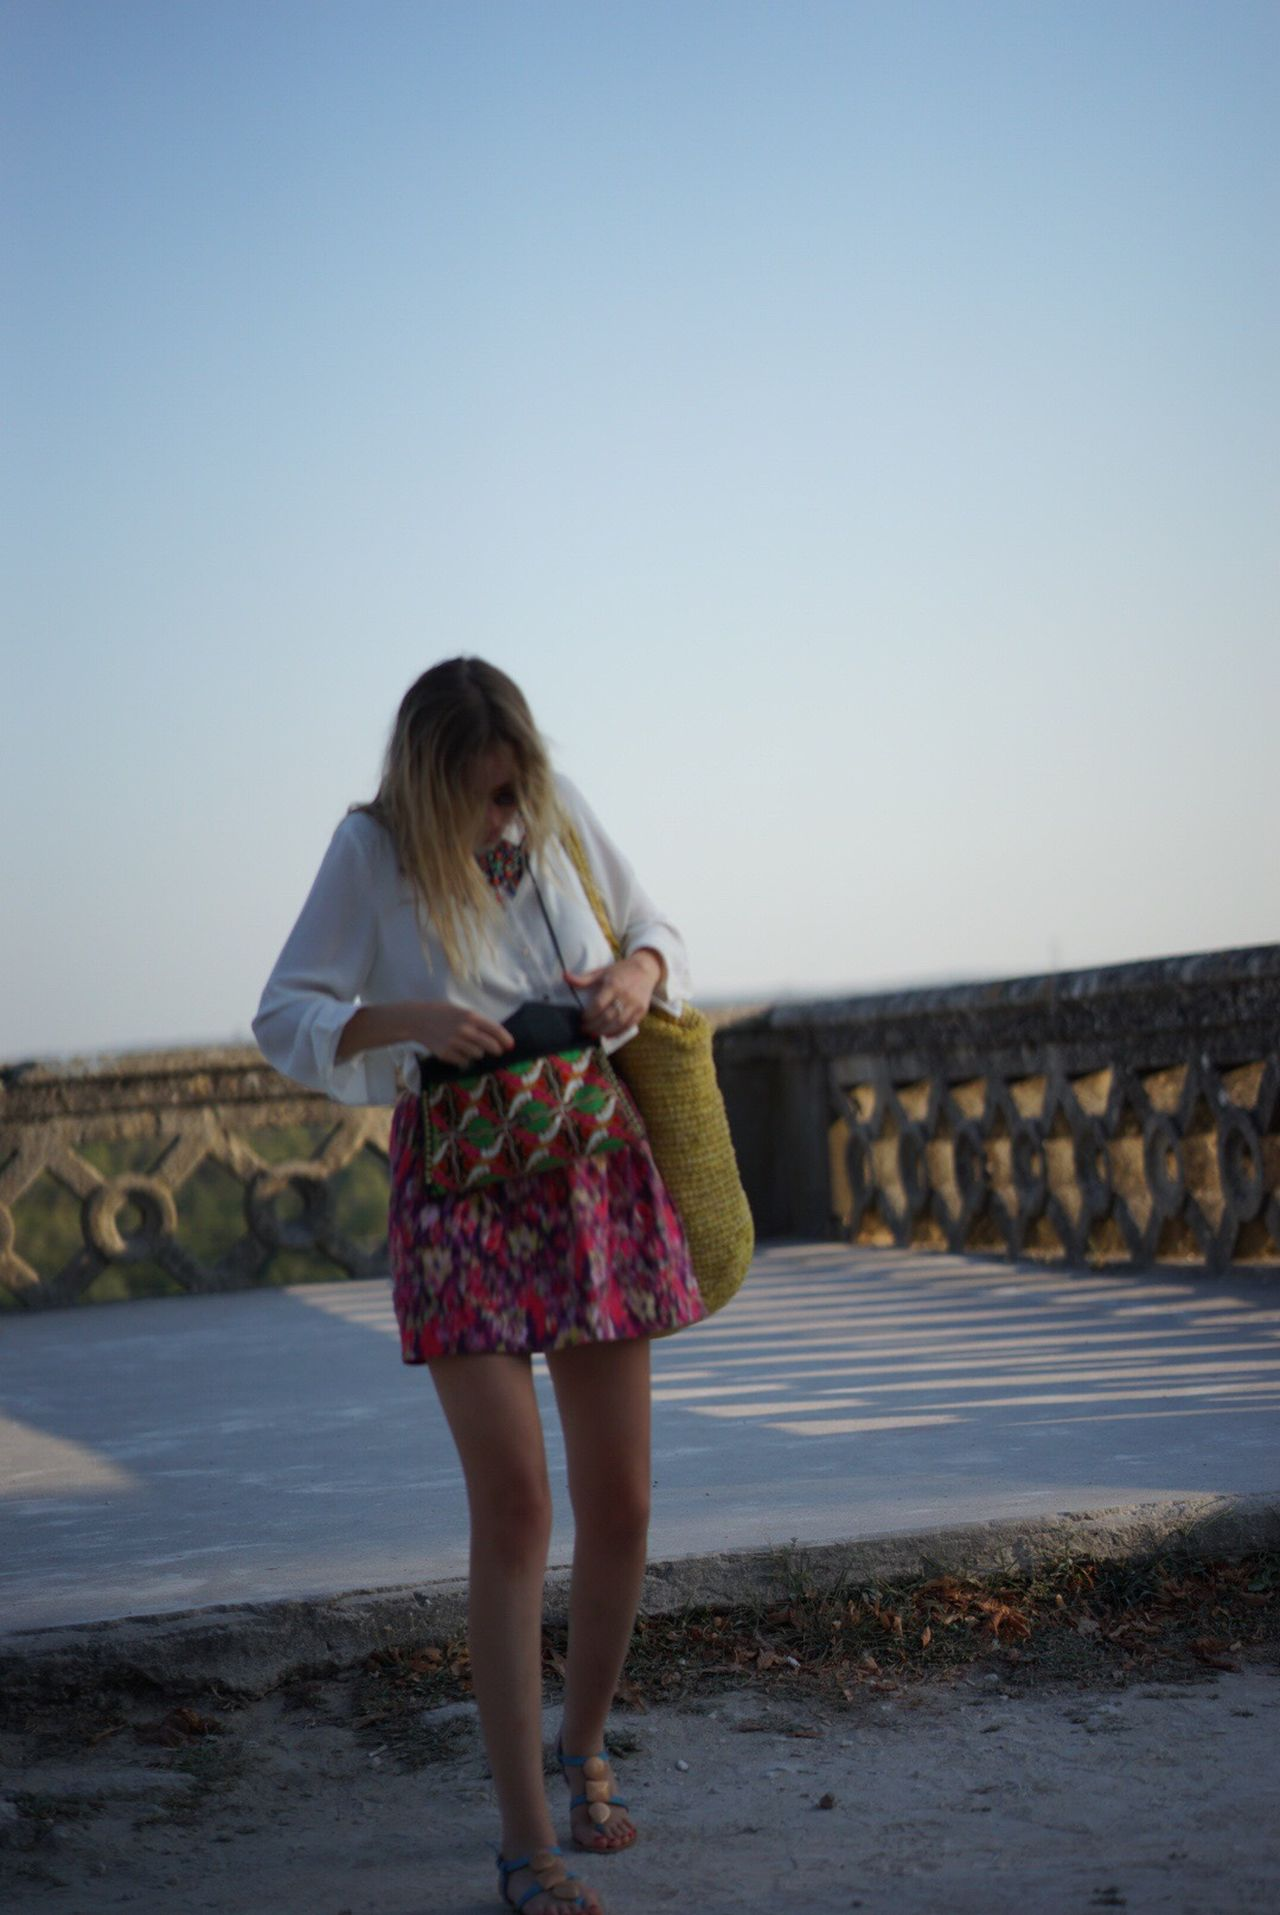 Uzés Handbag  Handbags Girl Sun Sky Legs Blonde Blonde Girl Zeiss 85mm 1.8 85mm France Southoffrance